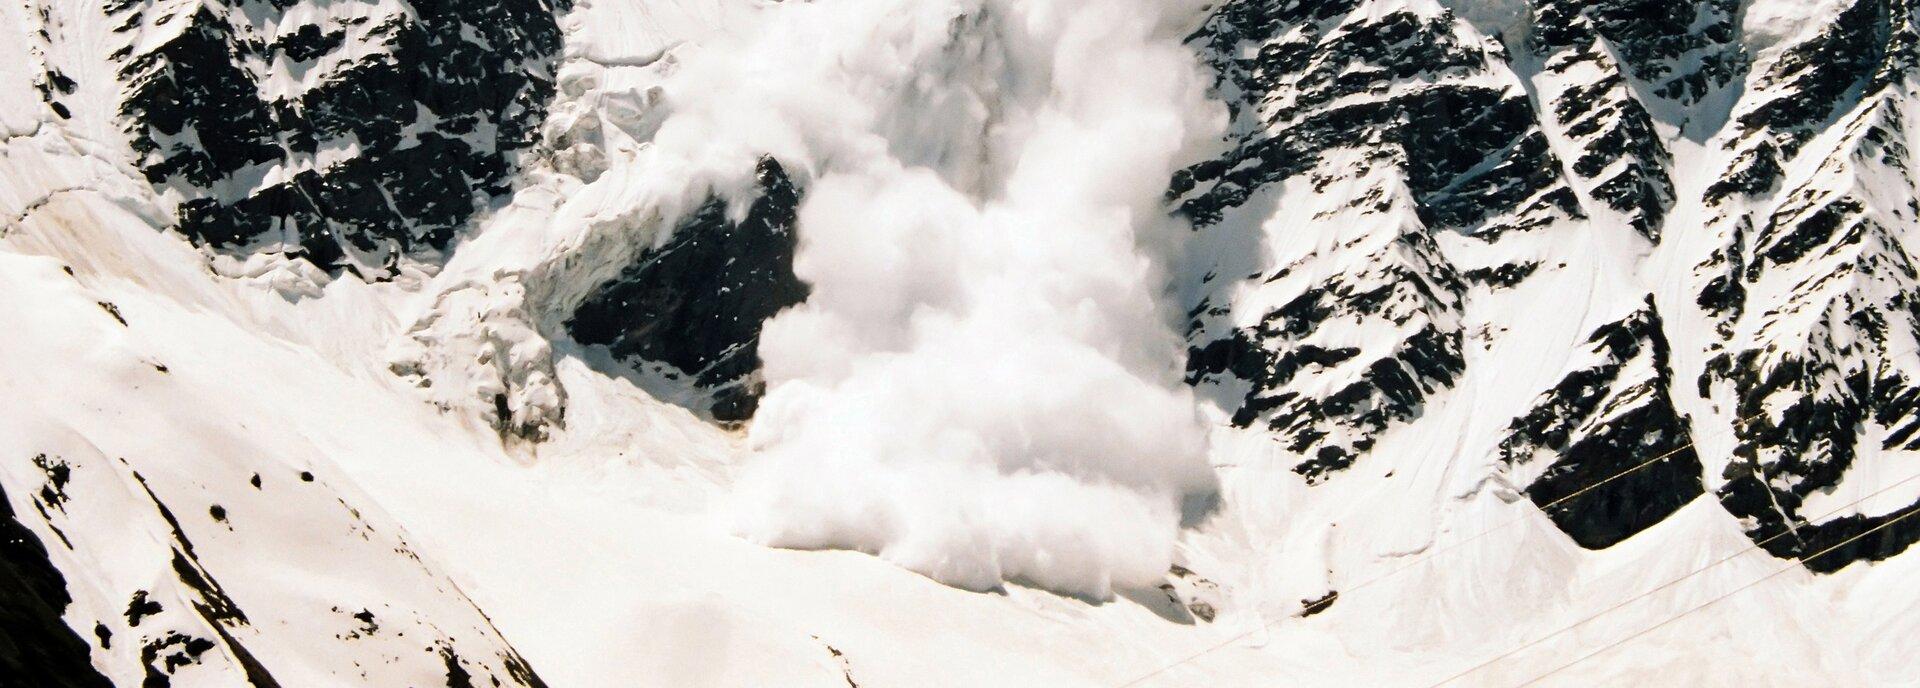 Zdjęcie przedstawia lawinę śnieżną schodzącą zwysokich gór. Wczęści centralnej zdjęcia lawina schodzi szeroko, powodując unoszenie się kłębów śniegu. Przed schodzącą lawiną powierzchnia śniegu jest gładka ipłaska. Po bokach schodzącej lawiny znajdują się ostre iciemne górskie skały, częściowo ośnieżone.